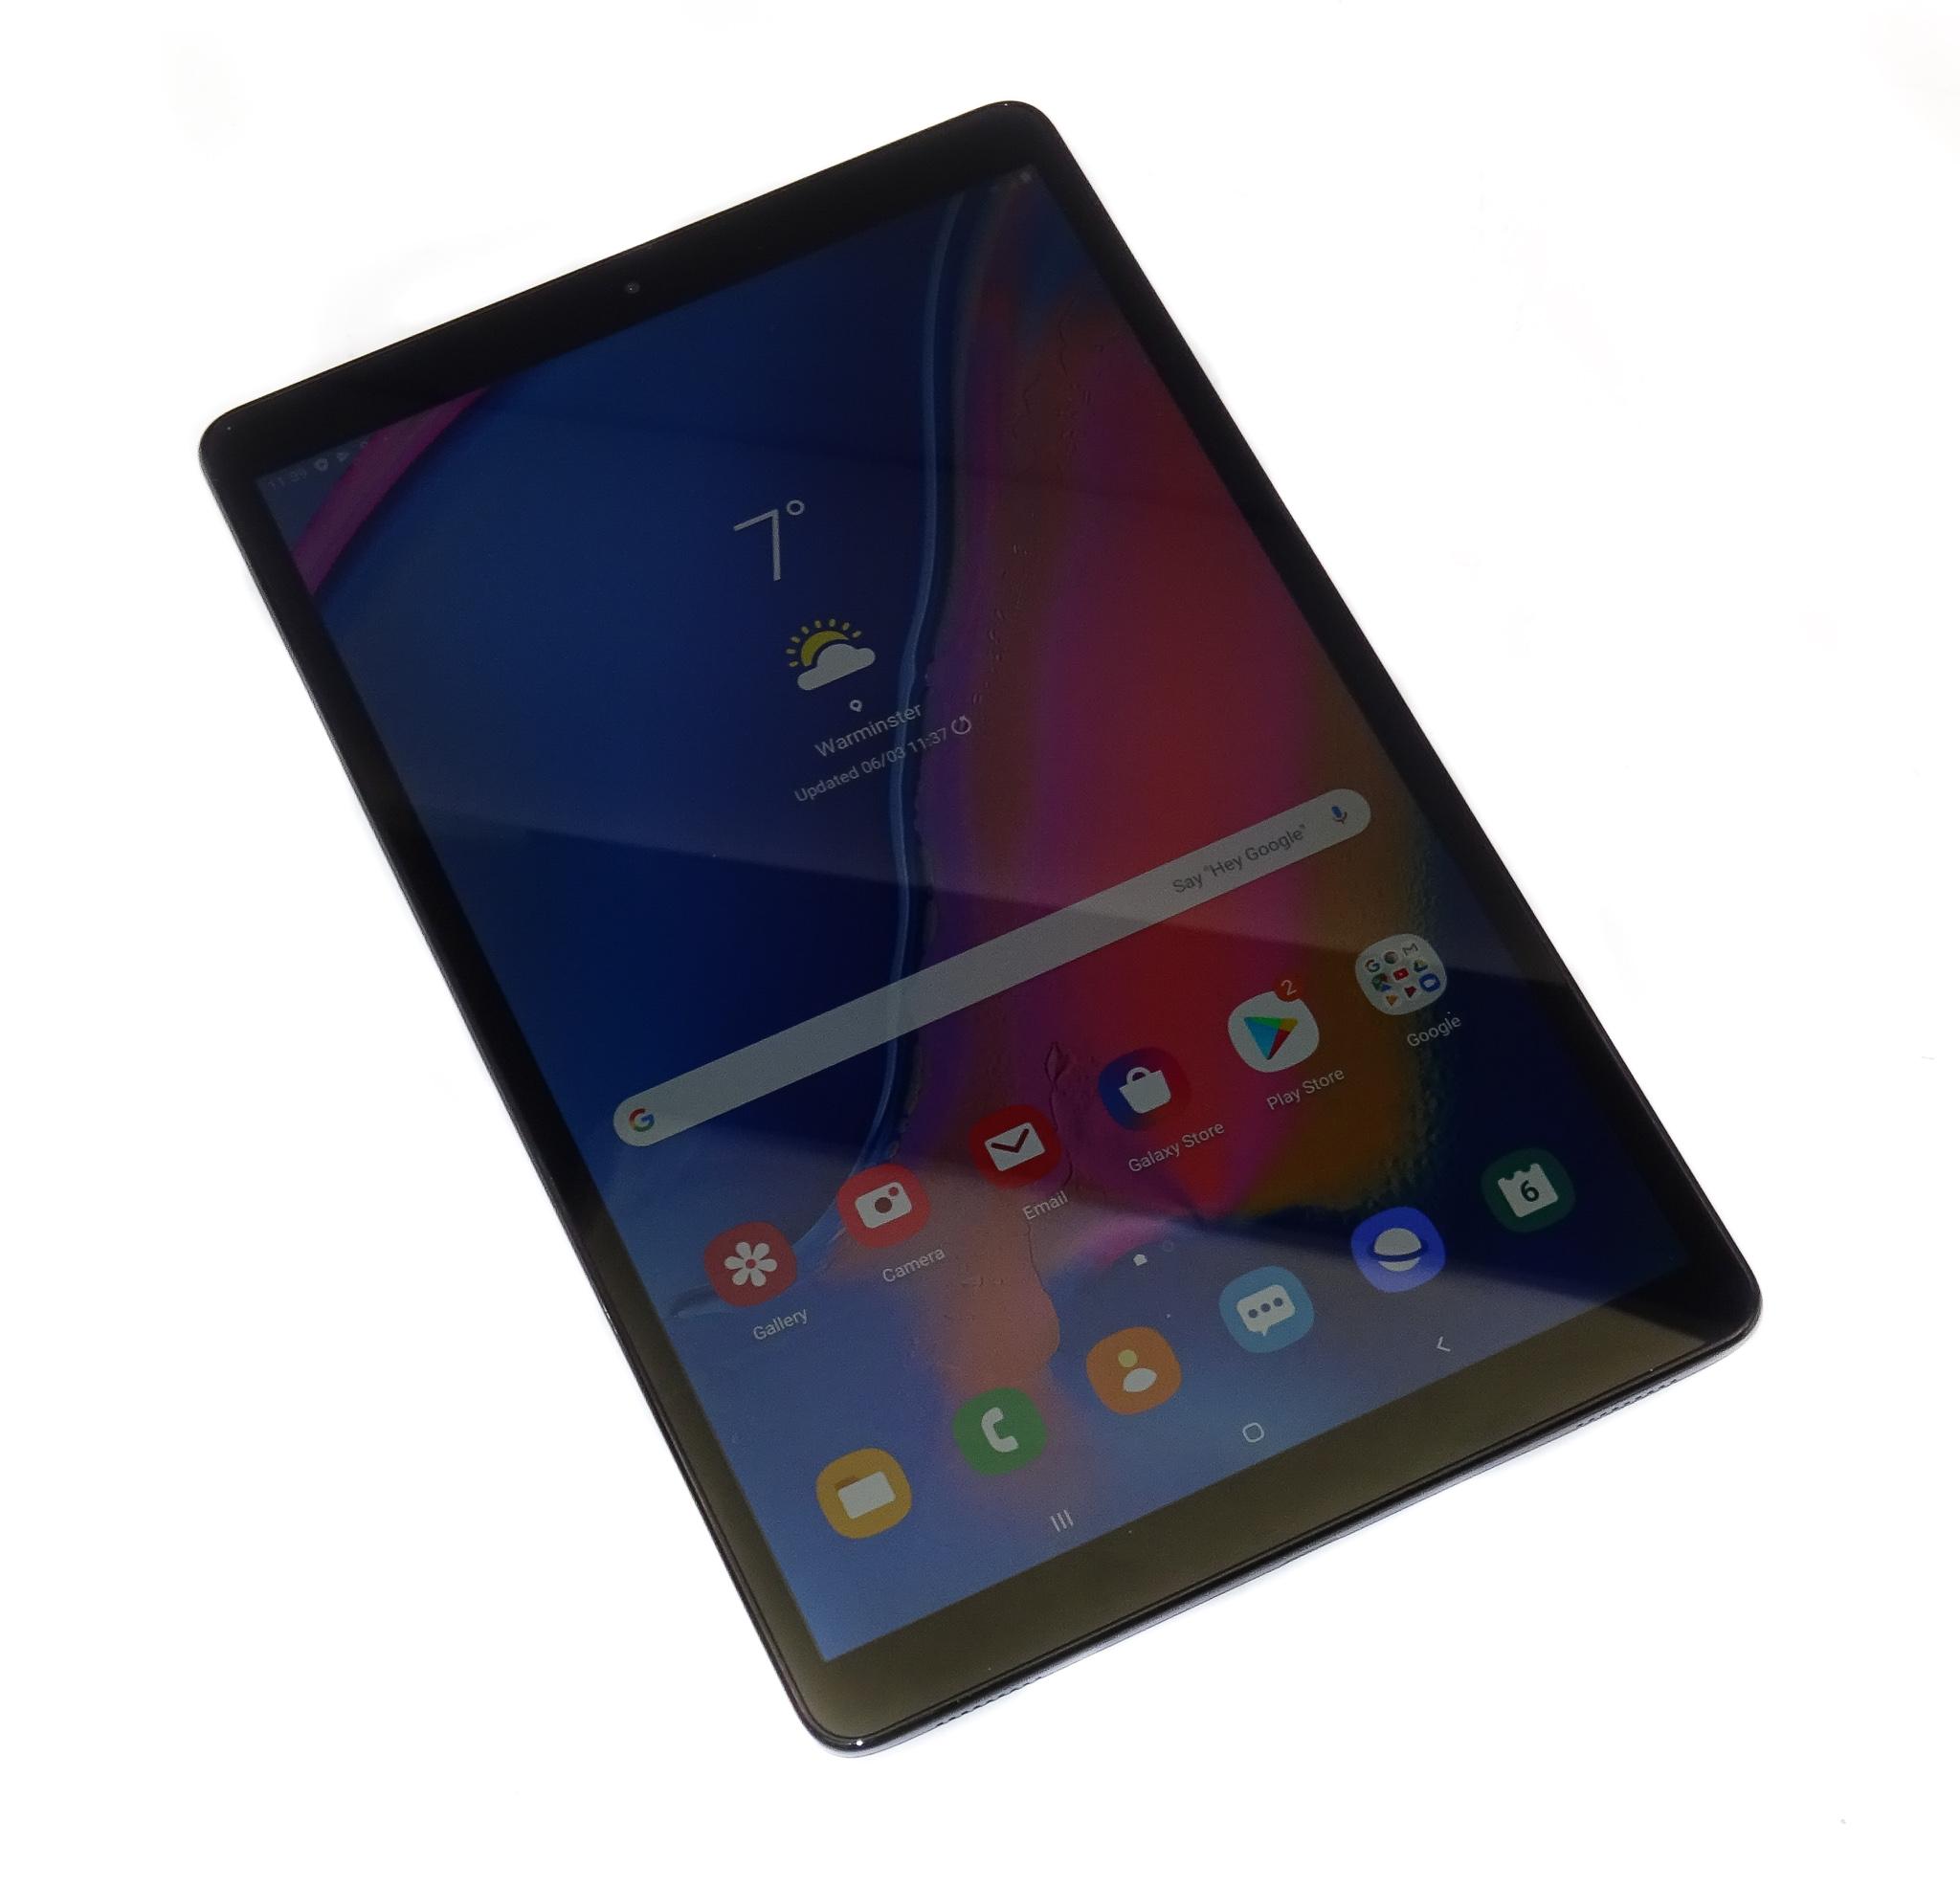 Black//Samsung Galaxy Tab A (2019) 32GB / Wi-Fi